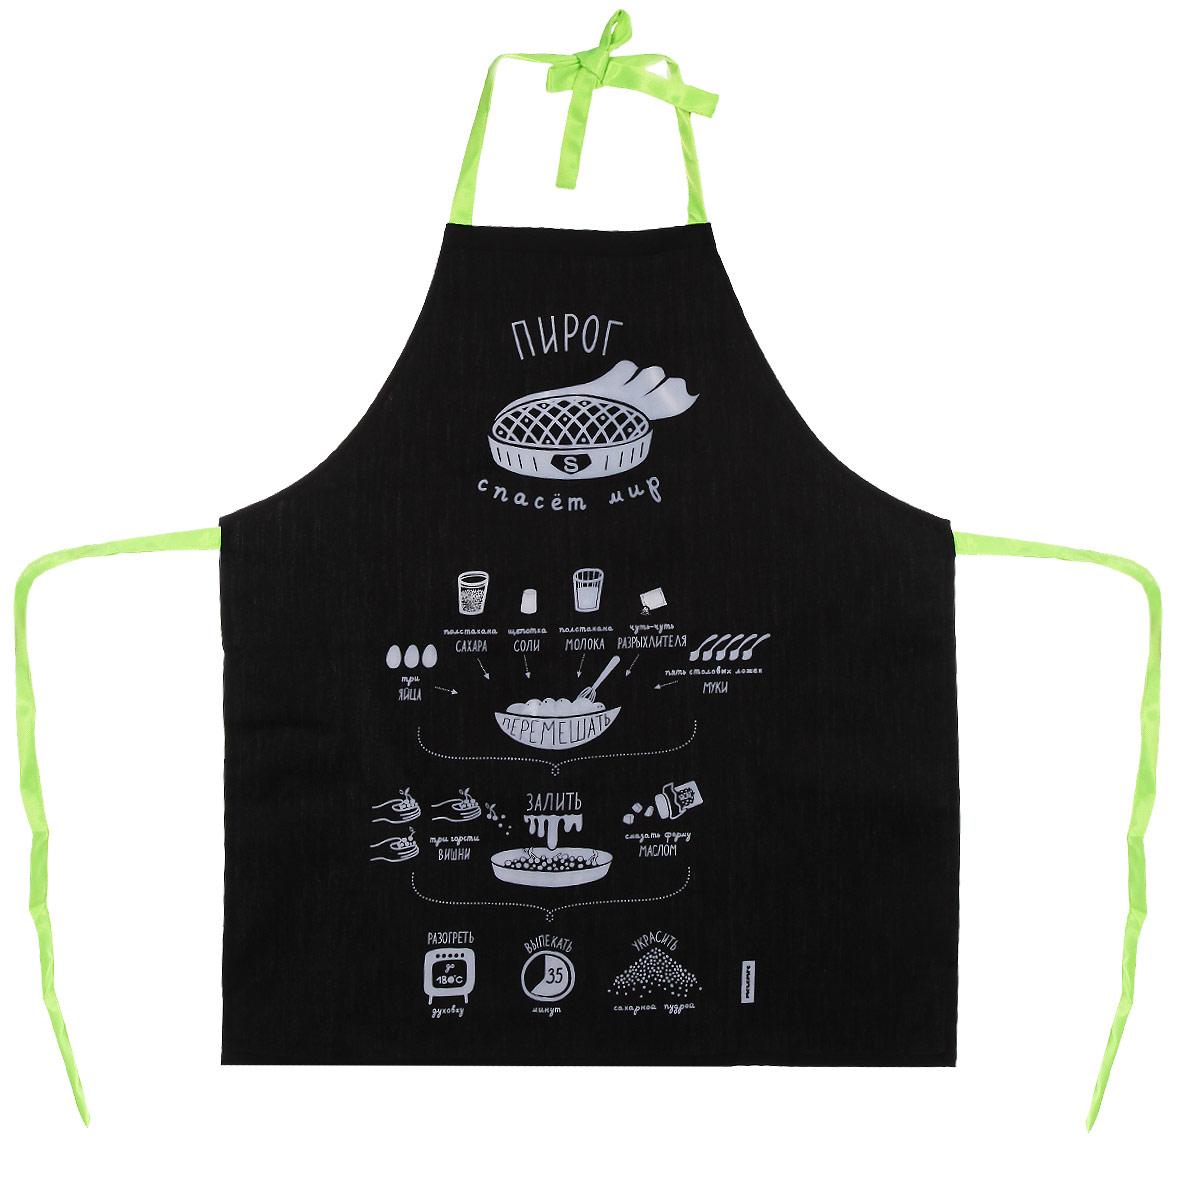 Фартук Melompo Пирог, 76 х 68 смBV1079Фартук Melompo Пирог поможет вам избежать попадания еды на вашу одежду во время приготовления какого-либо блюда. Выполнен из хлопка и полиэстера. На фартуке имеются удобная лямка и завязки. На фартук нанесен рецепт простого и вкусного вишневого пирога. Крой универсальный, подходит кулинарам обоих полов и разных комплекций.